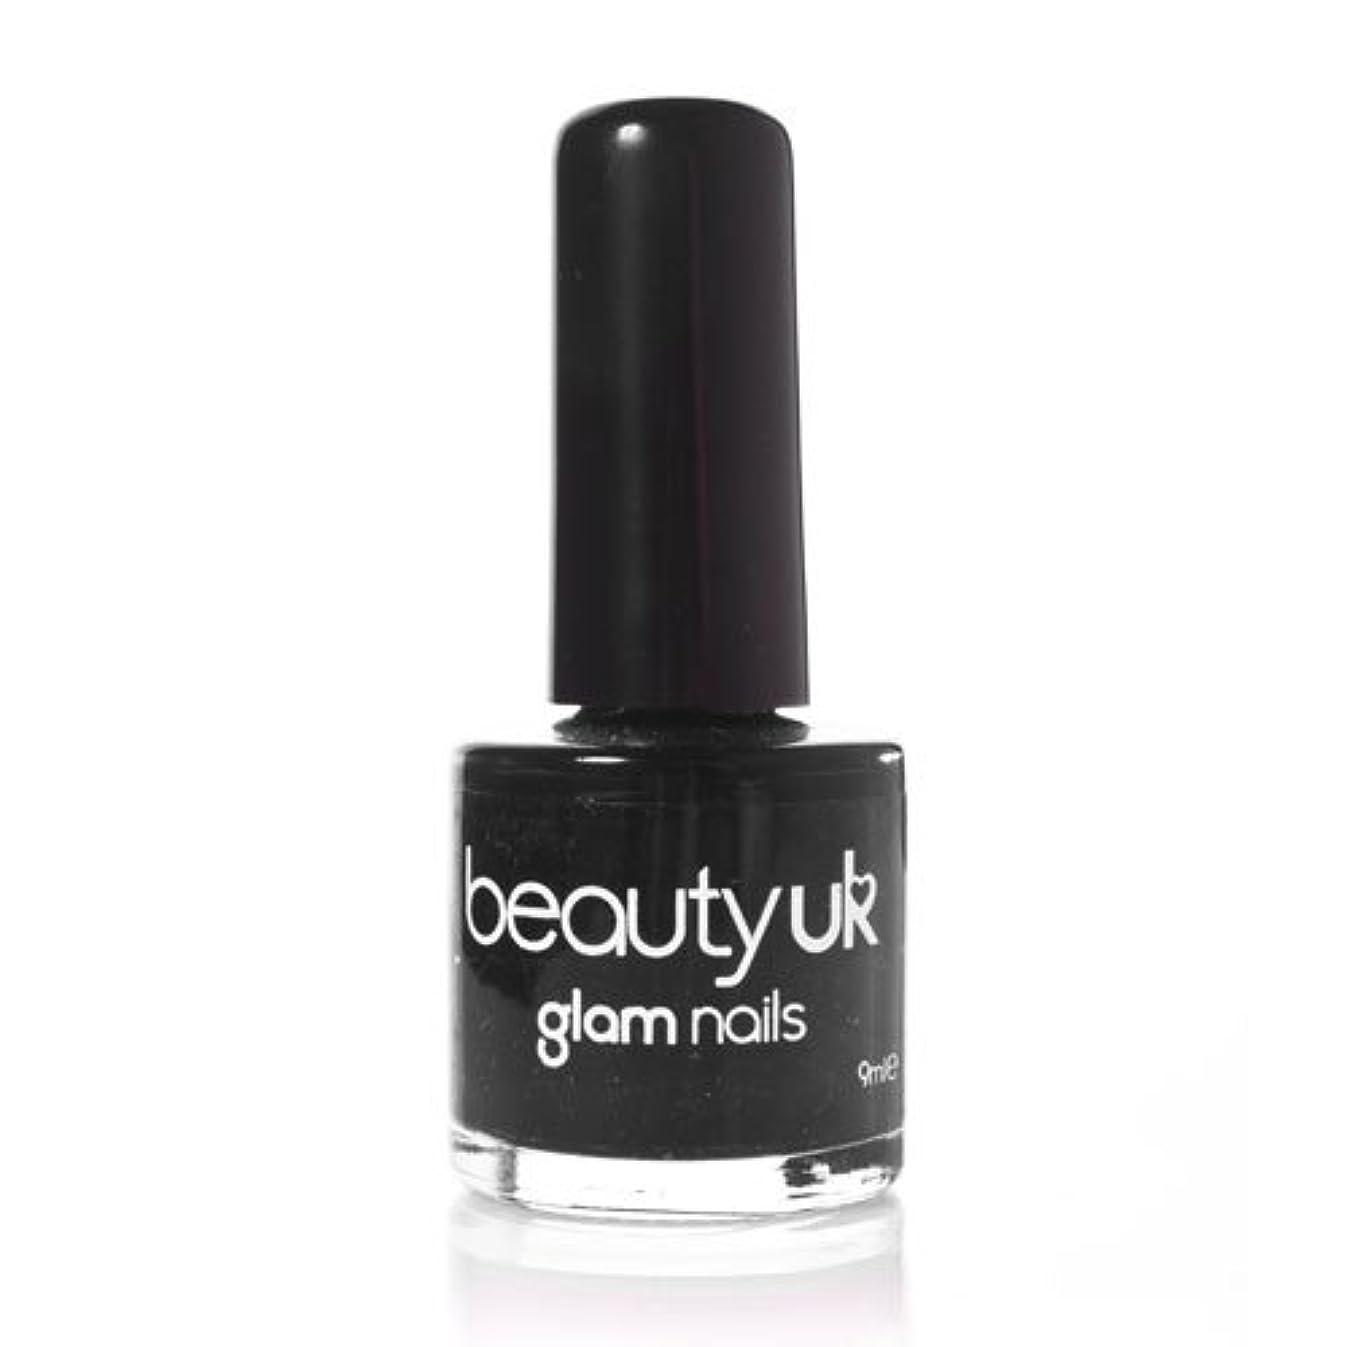 スプーン地球ロケーションBeauty Uk Glam Nails No6 Black 9ml [並行輸入品]